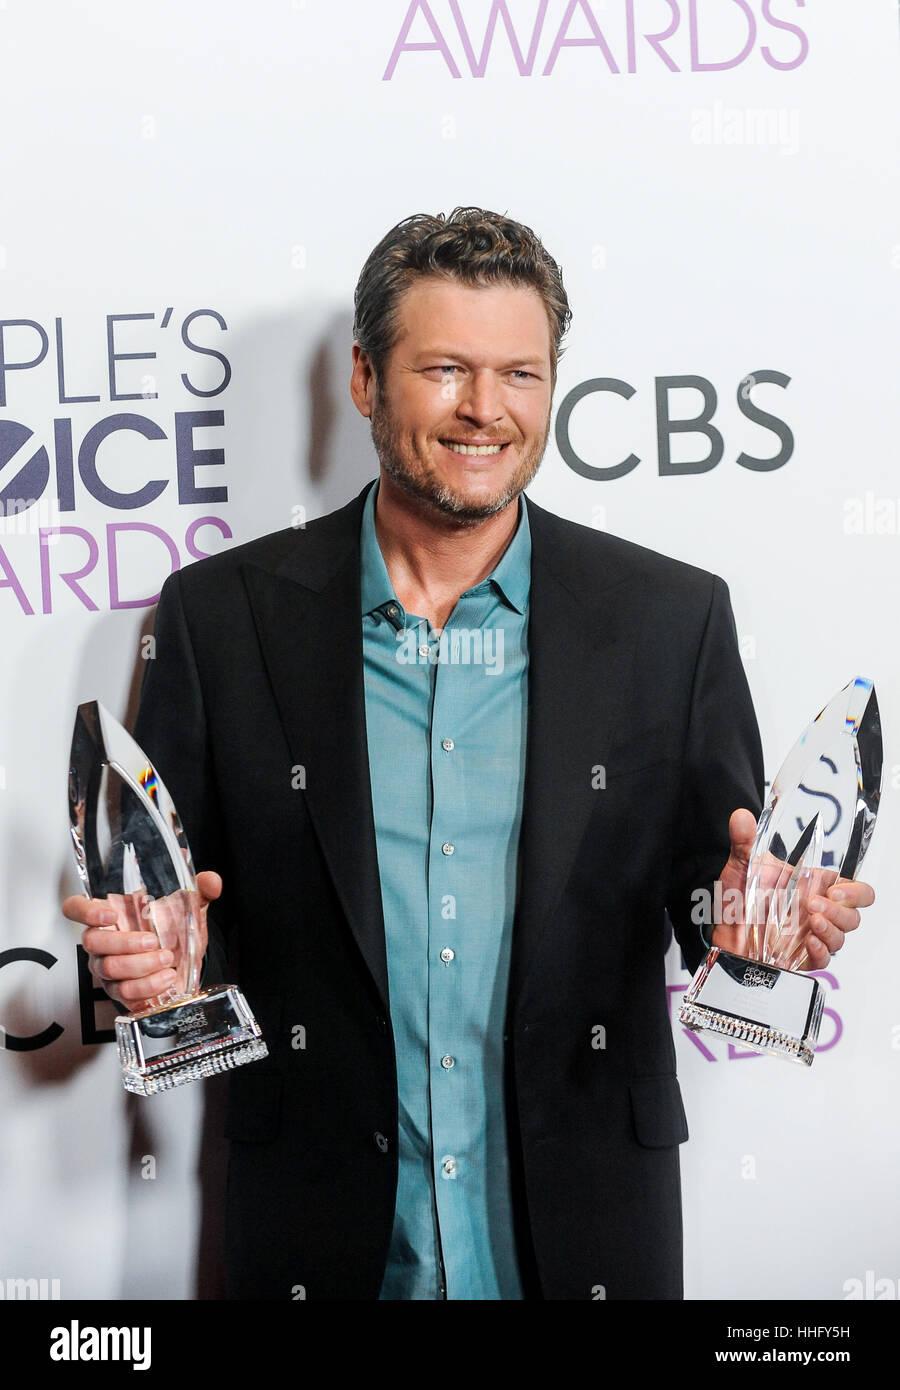 Los Angeles, Estados Unidos. 18 ene, 2017. Blake Shelton posa con los premios por país favorito cantante masculino Foto de stock